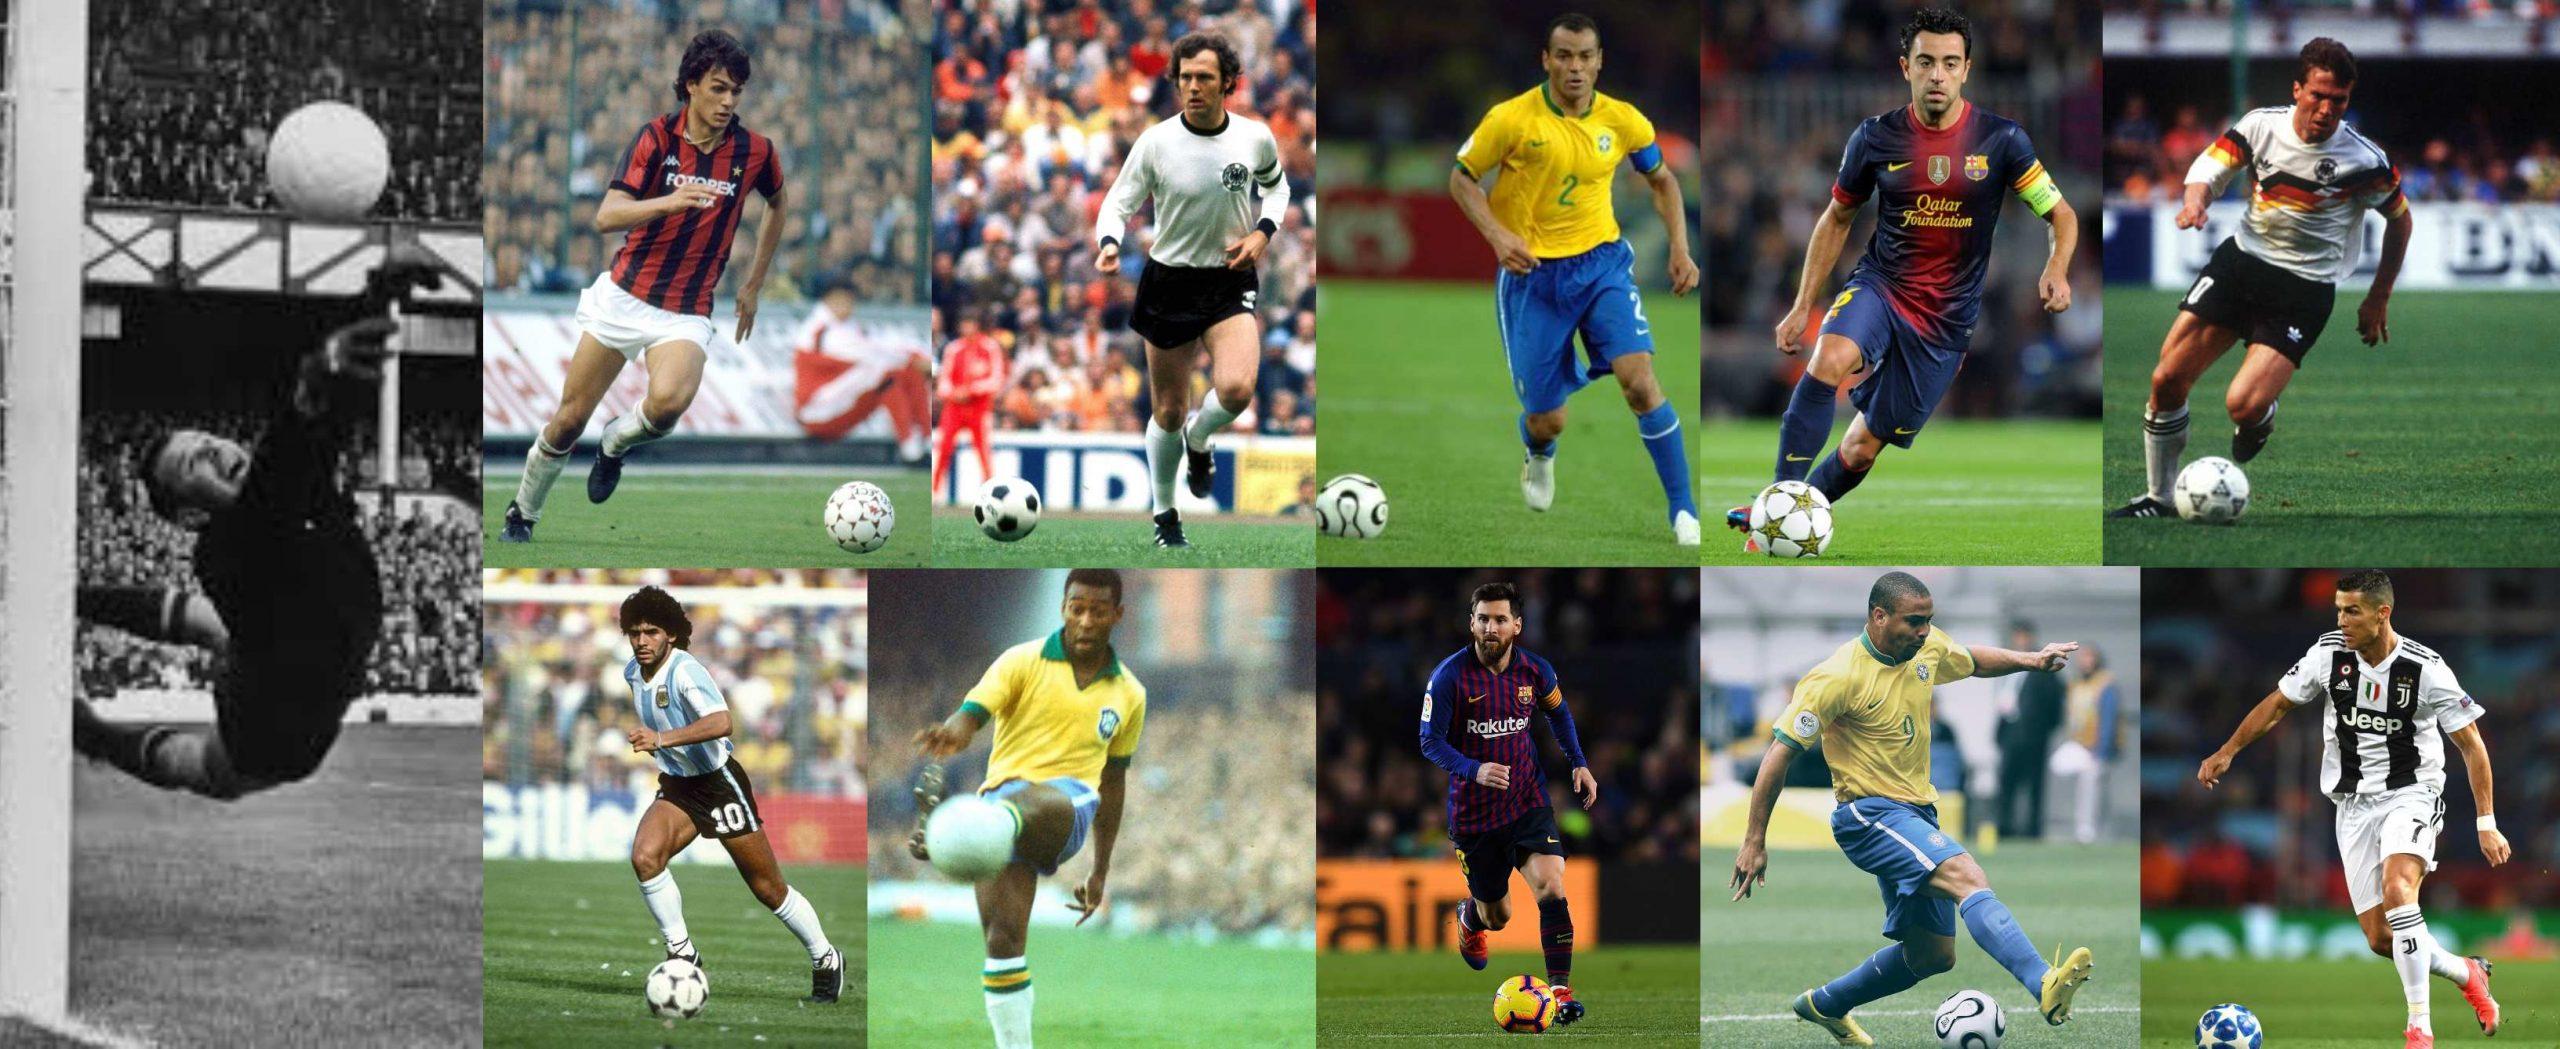 Xavi Hernández, Diego Maradona, Pelé, Leo Messi y Ronaldo Nazario integraron este lunes el Balón de Oro de France Football al mejor equipo de la historia del fútbol.